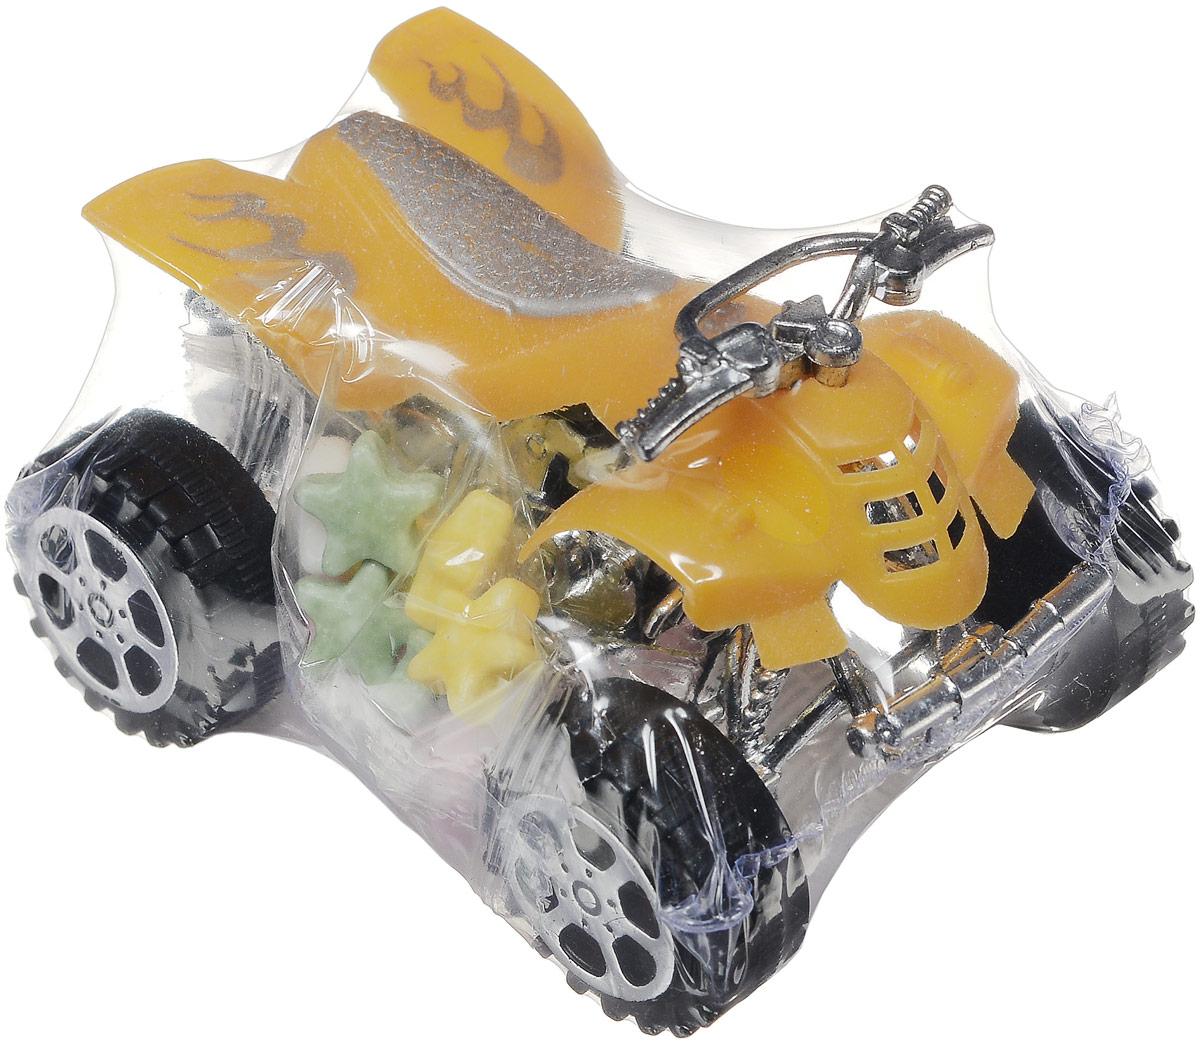 Конфитрейд Автодром Квадроцикл фруктовое драже с игрушкой, 5 г карапузики игрушка с цукатами 5 г